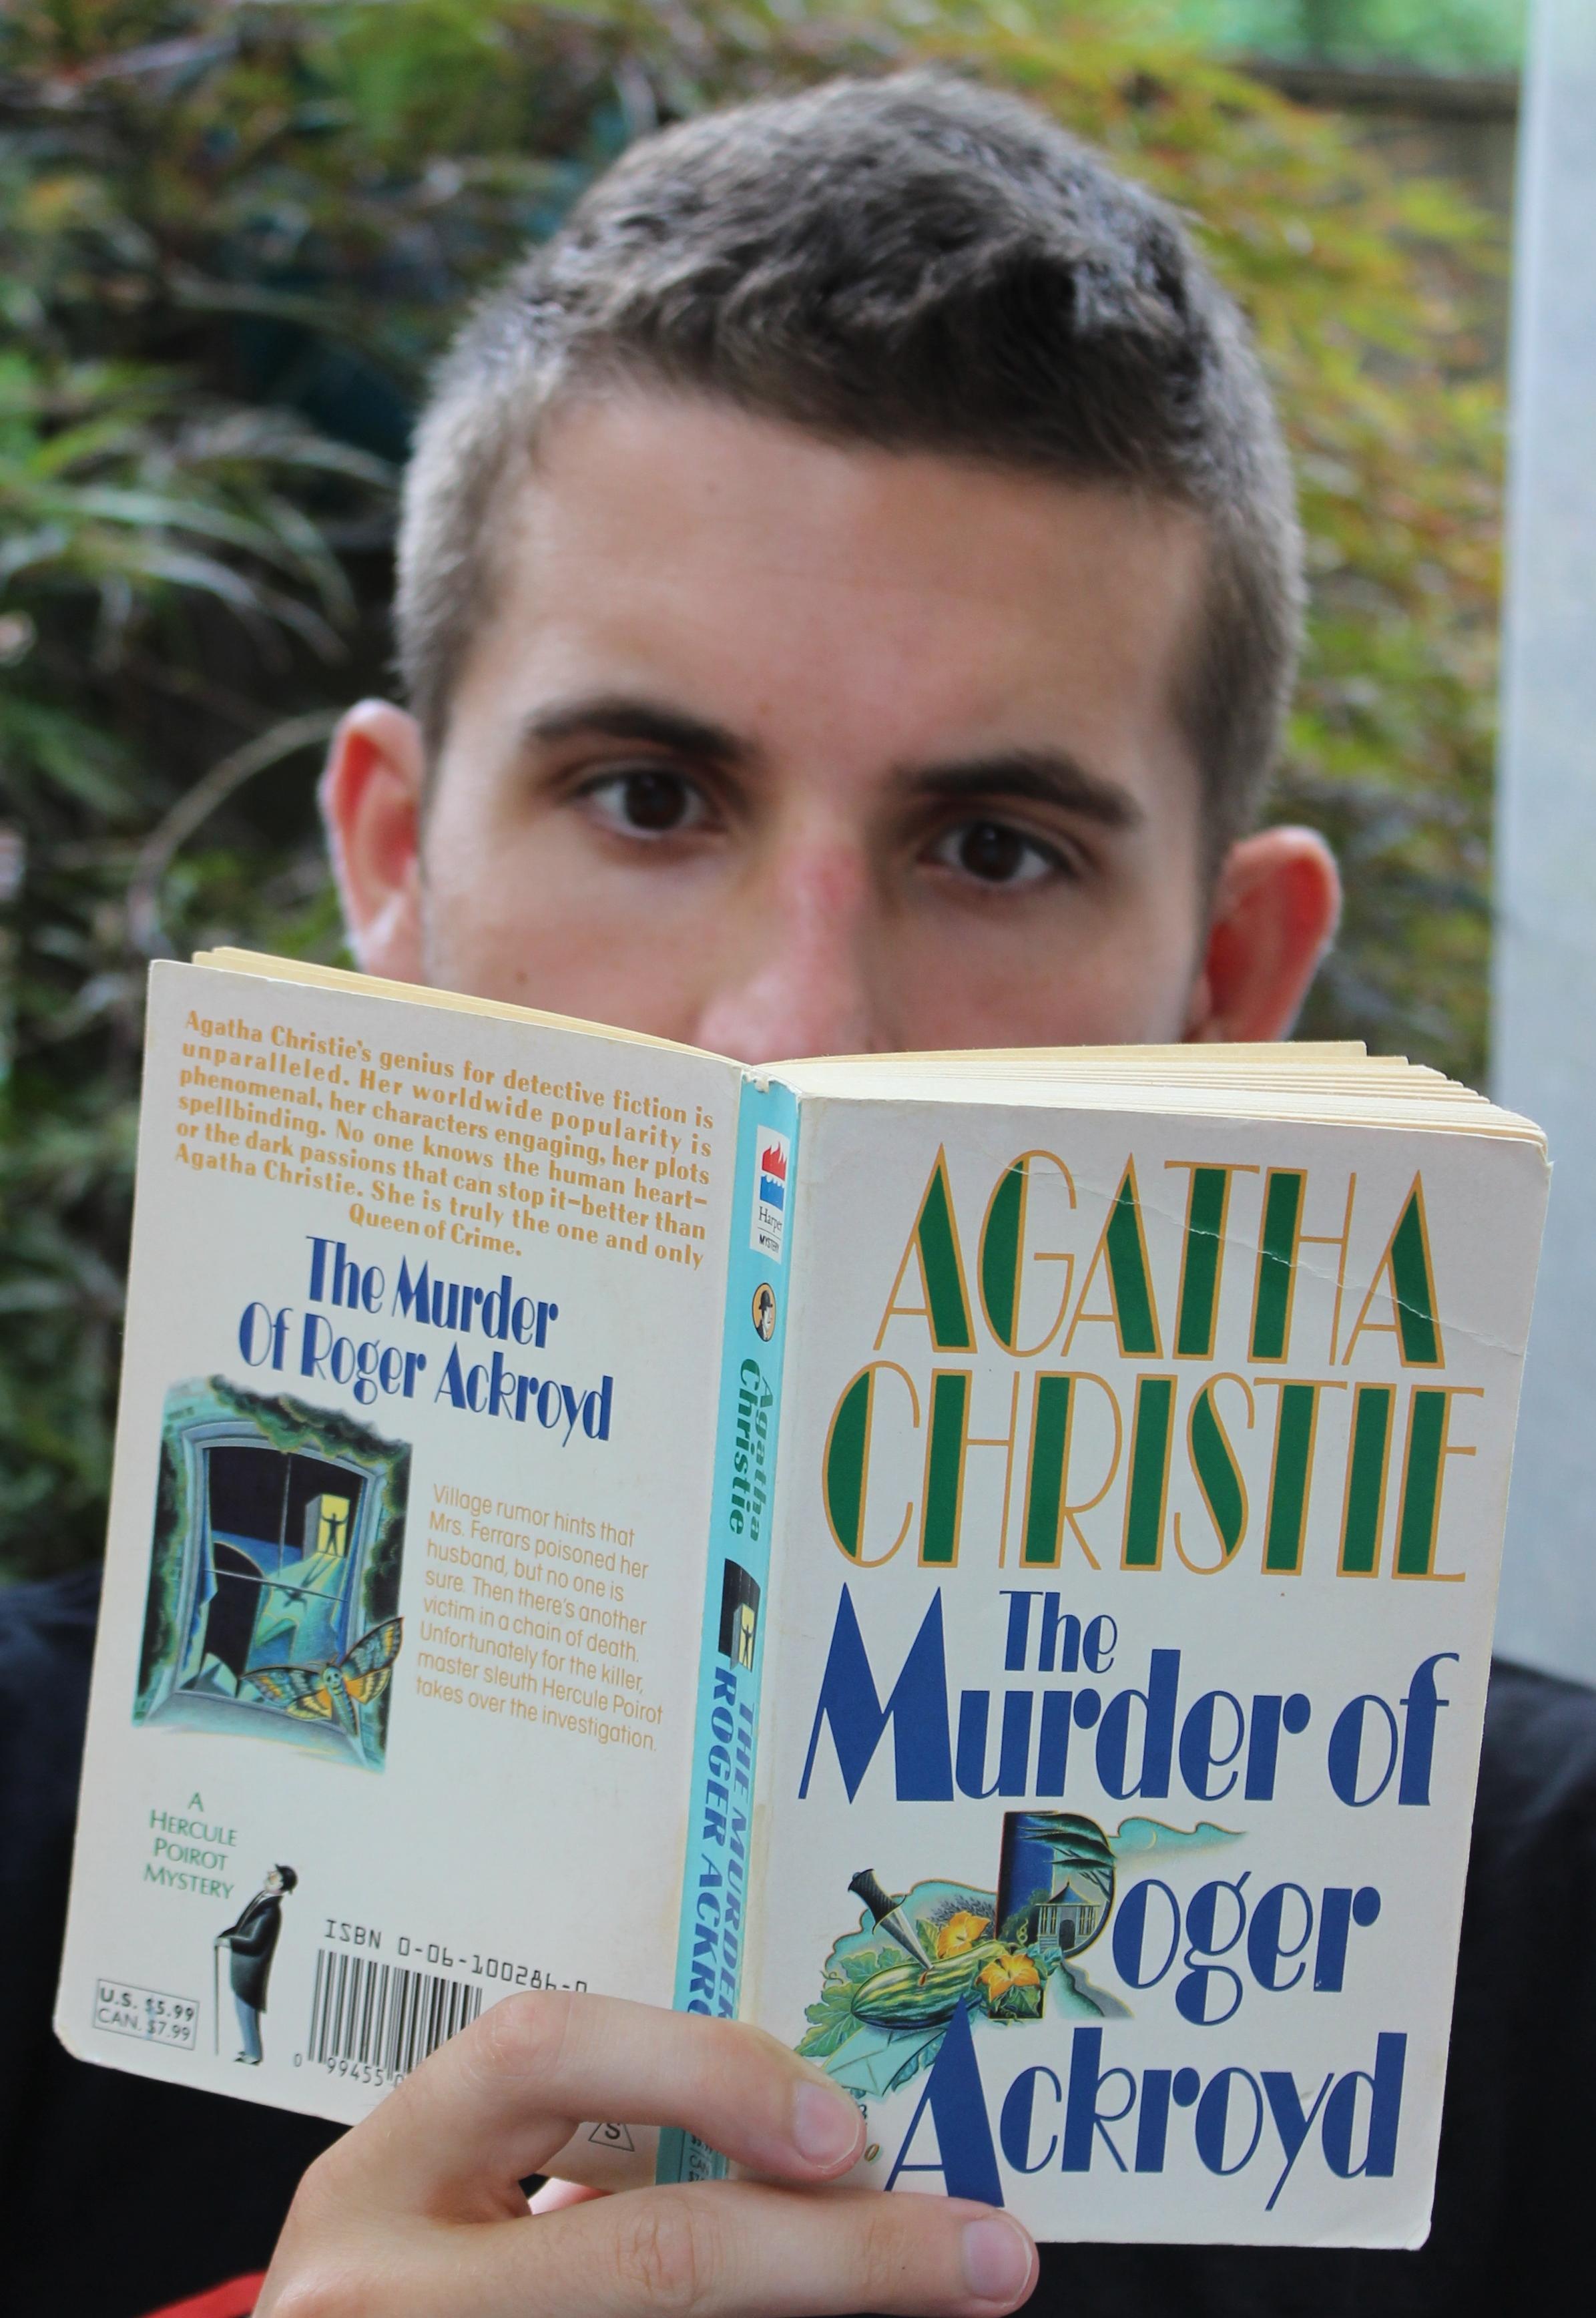 the murder of roger ackroyd novel pdf